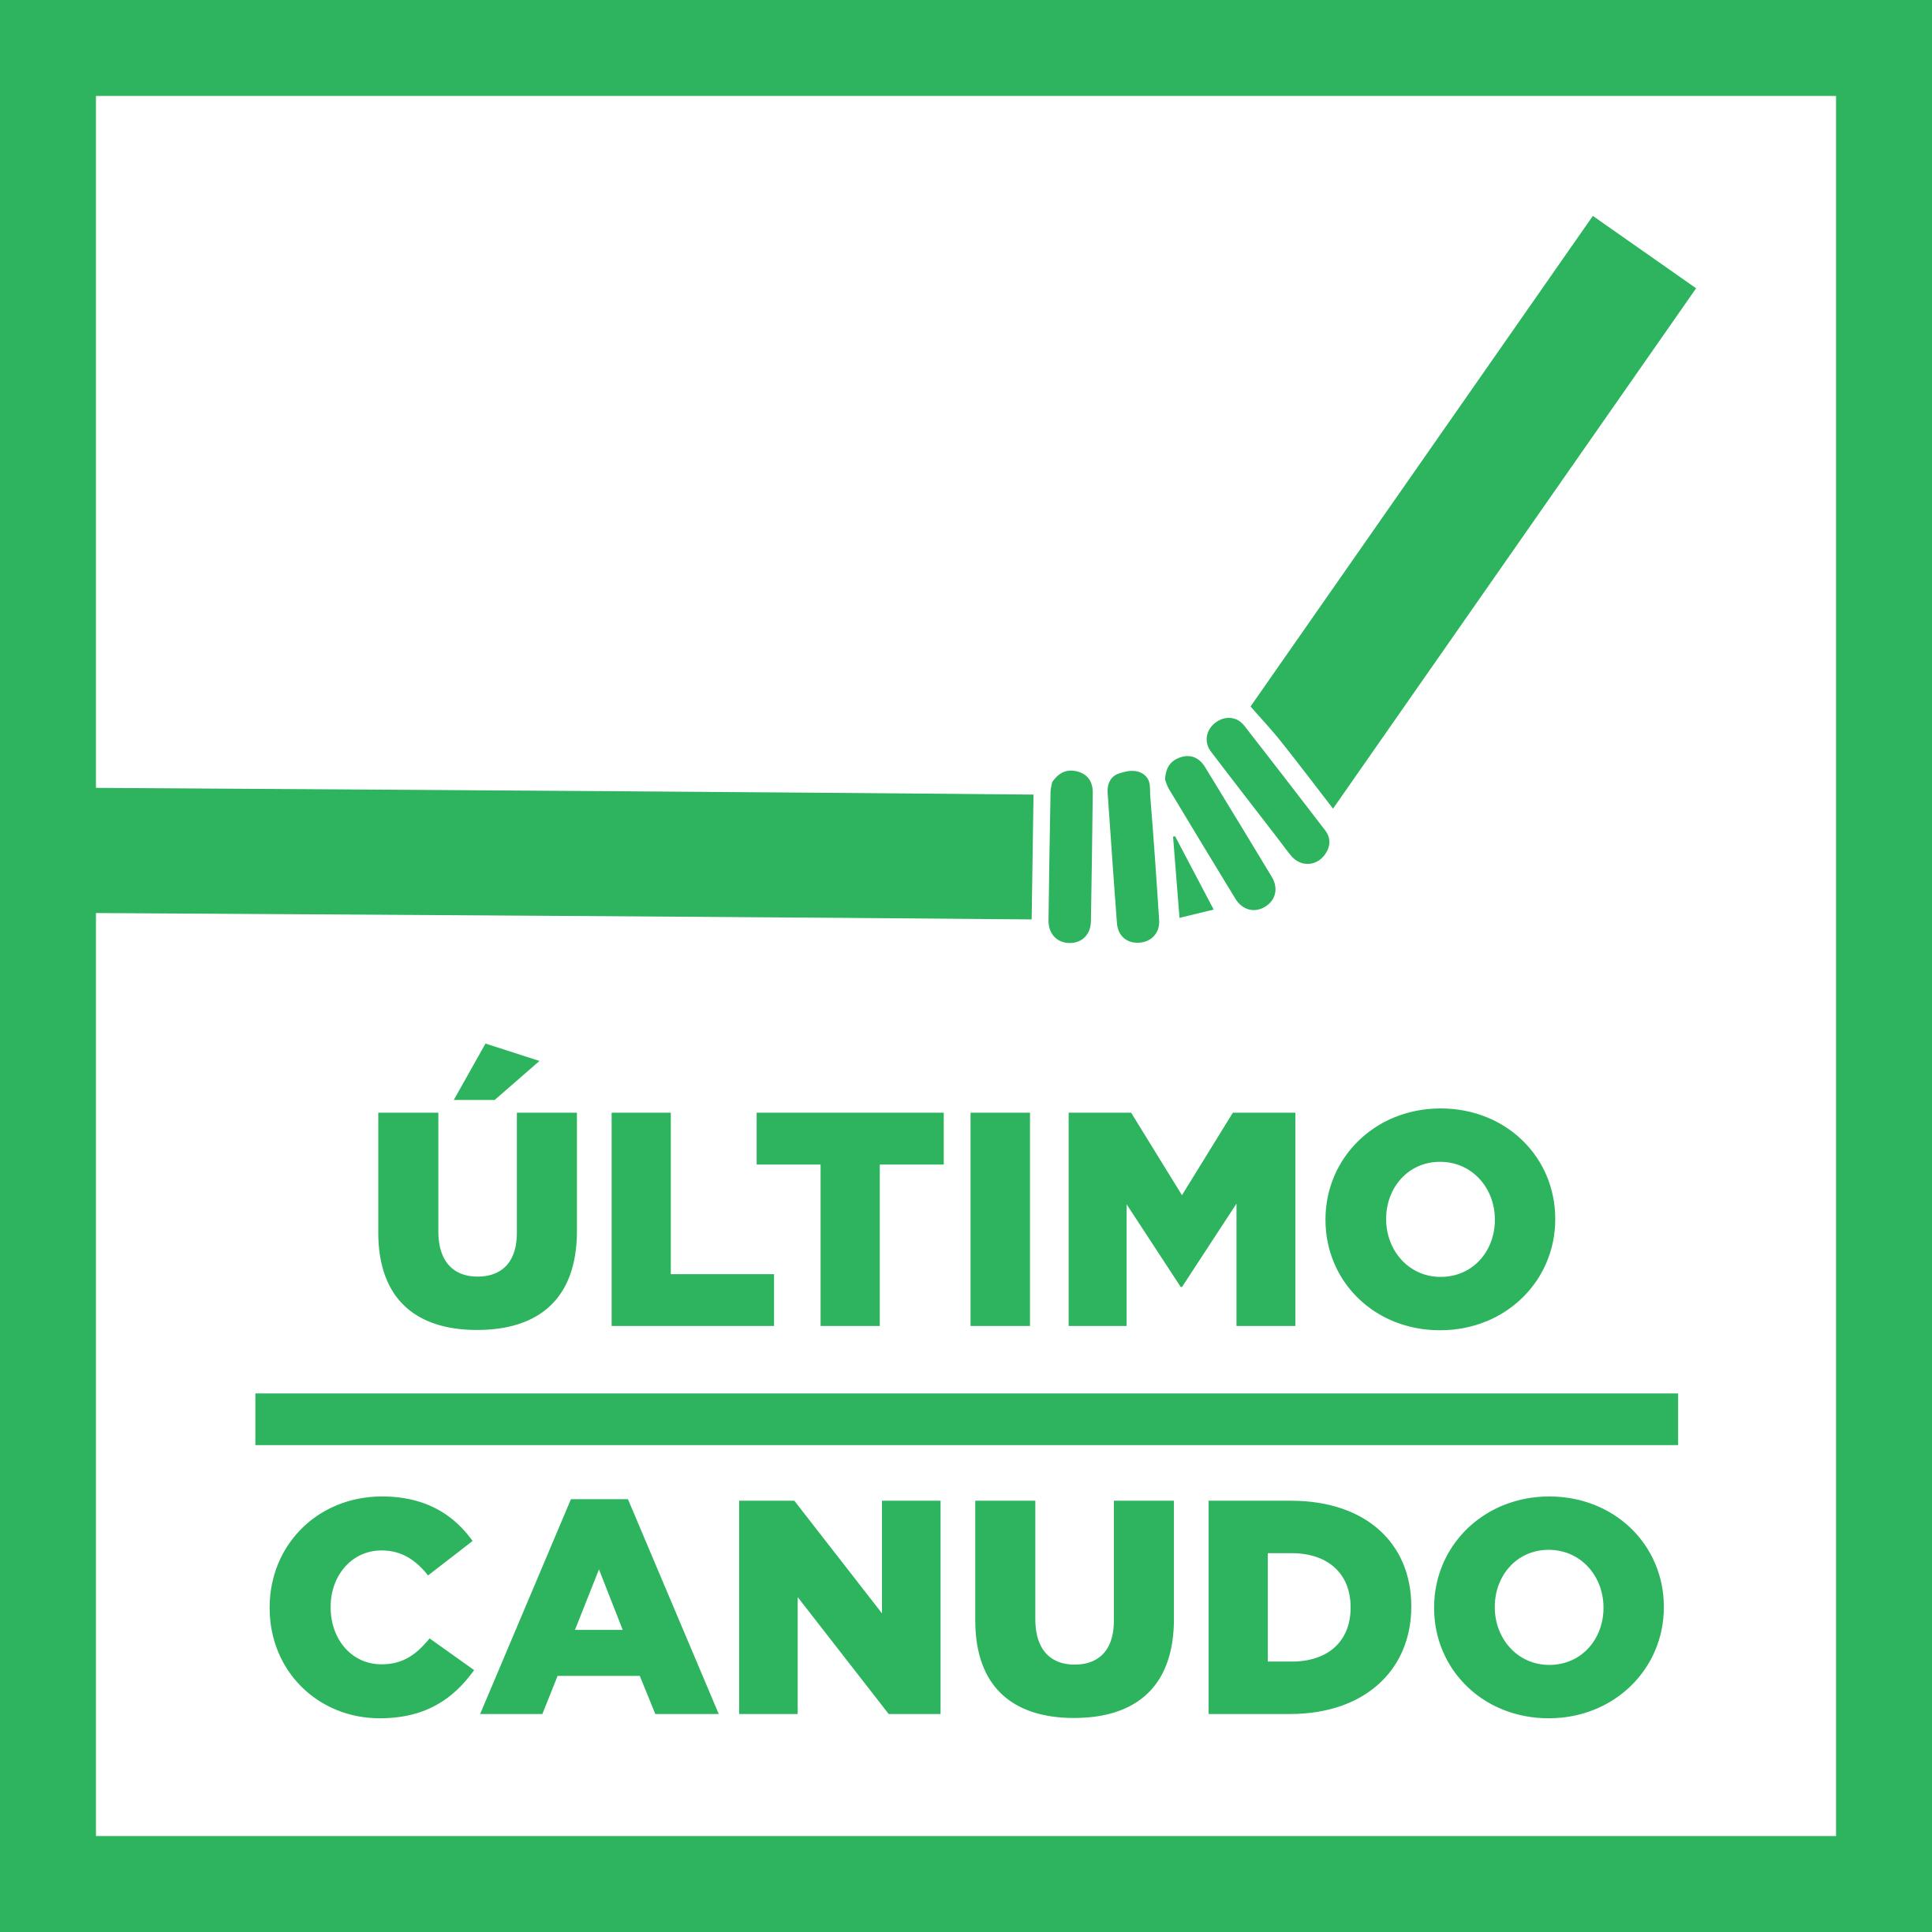 1_cor_logo_ultimocanudo_300dpi.jpg